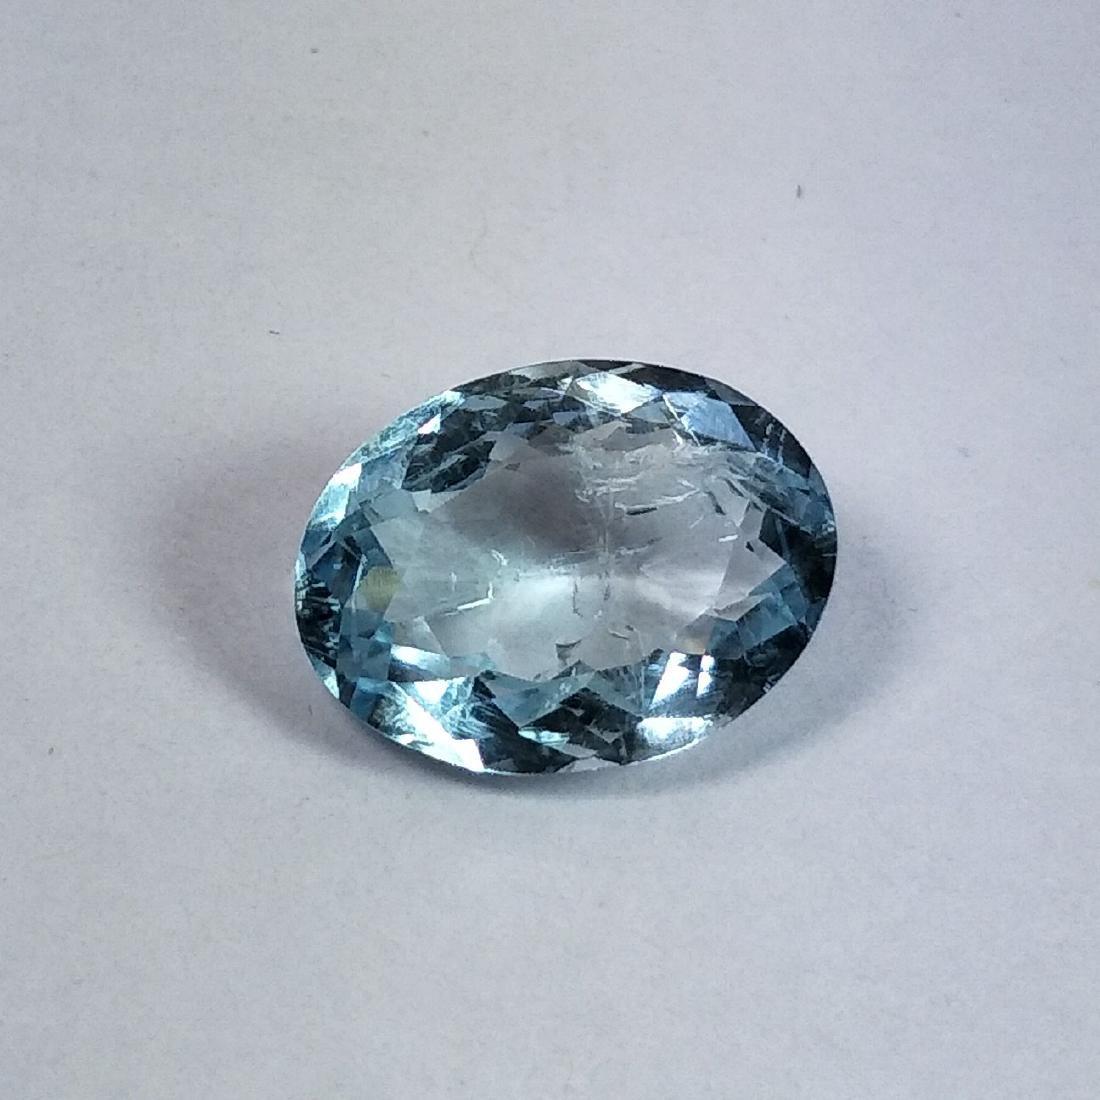 Aquamarine - 4.53 ct - 2